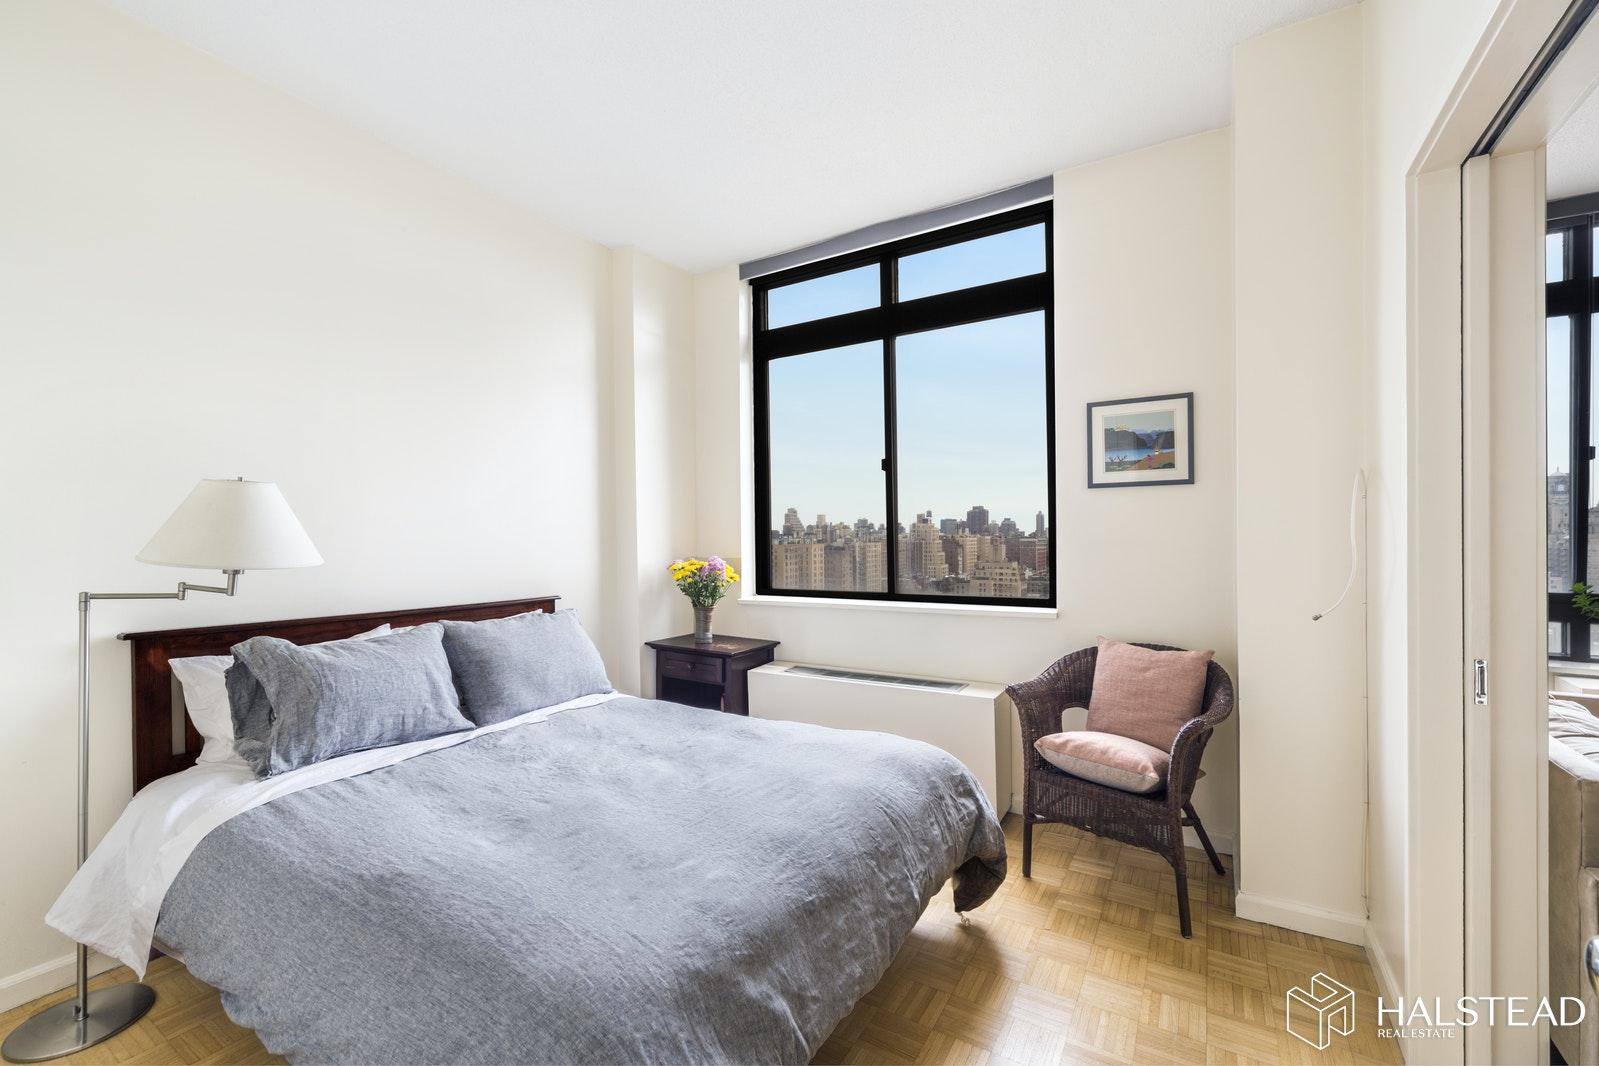 225 WEST 83RD STREET 20C, Upper West Side, $895,000, Web #: 20174200